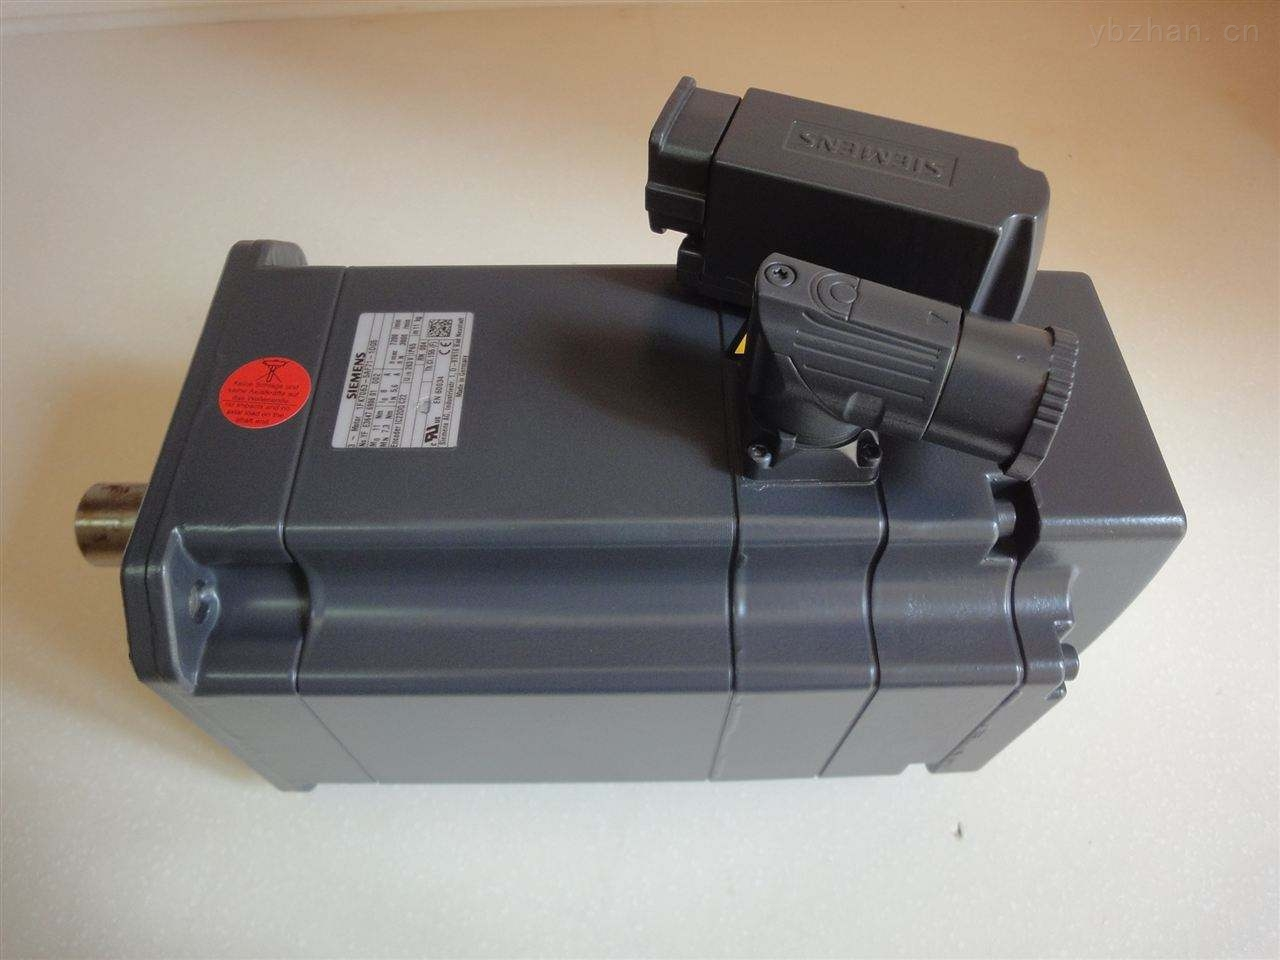 杨浦西门子810D系统钻床伺服电机维修公司-当天检测提供维修